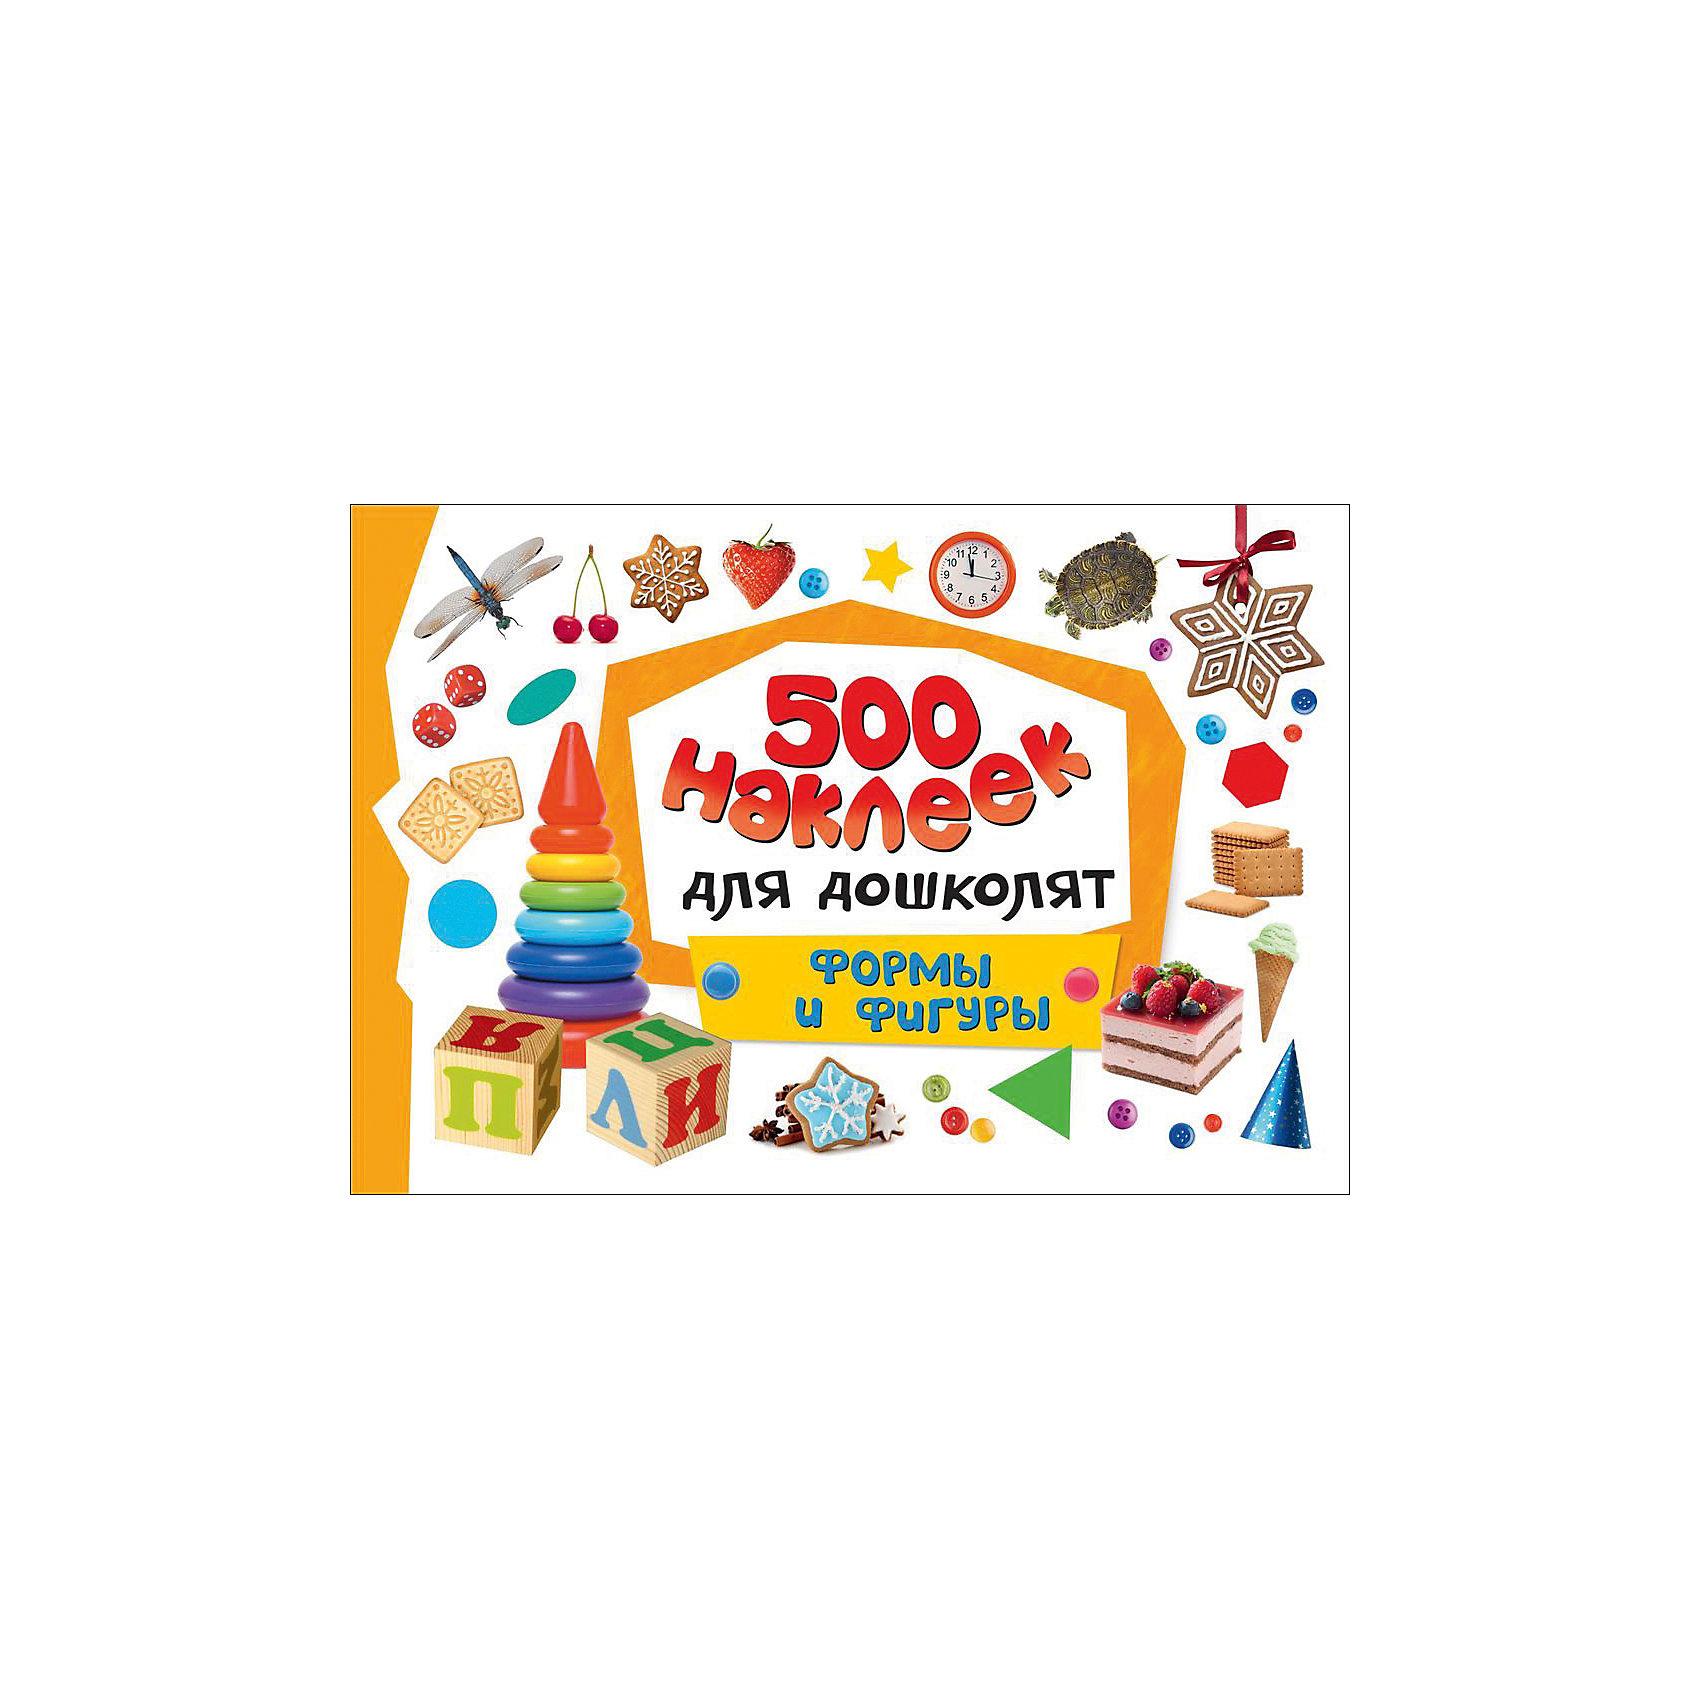 500 наклеек для дошколят Формы и фигурыКнижки с наклейками<br>Характеристики товара:<br><br>- цвет: разноцветный;<br>- материал: бумага;<br>- страниц: 24;<br>- формат: 30 х 20 см;<br>- обложка: мягкая;<br>- развивающее издание.<br><br>Это интересное развивающее издание станет отличным подарком для ребенка. Оно содержит в себе задания, которые можно выполнить с помощью наклеек. С наклейками из этой серии ребенок легко познакомится с буквами, счетом, окружающим миром, у него будут сформированы первоначальные математические понятия. Всё представлено в очень простой форме! Наклейки можно клеить куда угодно. Простые интересные задачки помогут привить любовь к учебе!<br>Выполнение таких заданий помогает ребенку развивать зрительную память, концентрацию внимания и воображение. Издание произведено из качественных материалов, которые безопасны даже для самых маленьких.<br><br>500 наклеек для дошколят Формы и фигуры от компании Росмэн можно купить в нашем интернет-магазине.<br><br>Ширина мм: 300<br>Глубина мм: 200<br>Высота мм: 2<br>Вес г: 101<br>Возраст от месяцев: 60<br>Возраст до месяцев: 84<br>Пол: Унисекс<br>Возраст: Детский<br>SKU: 5110171